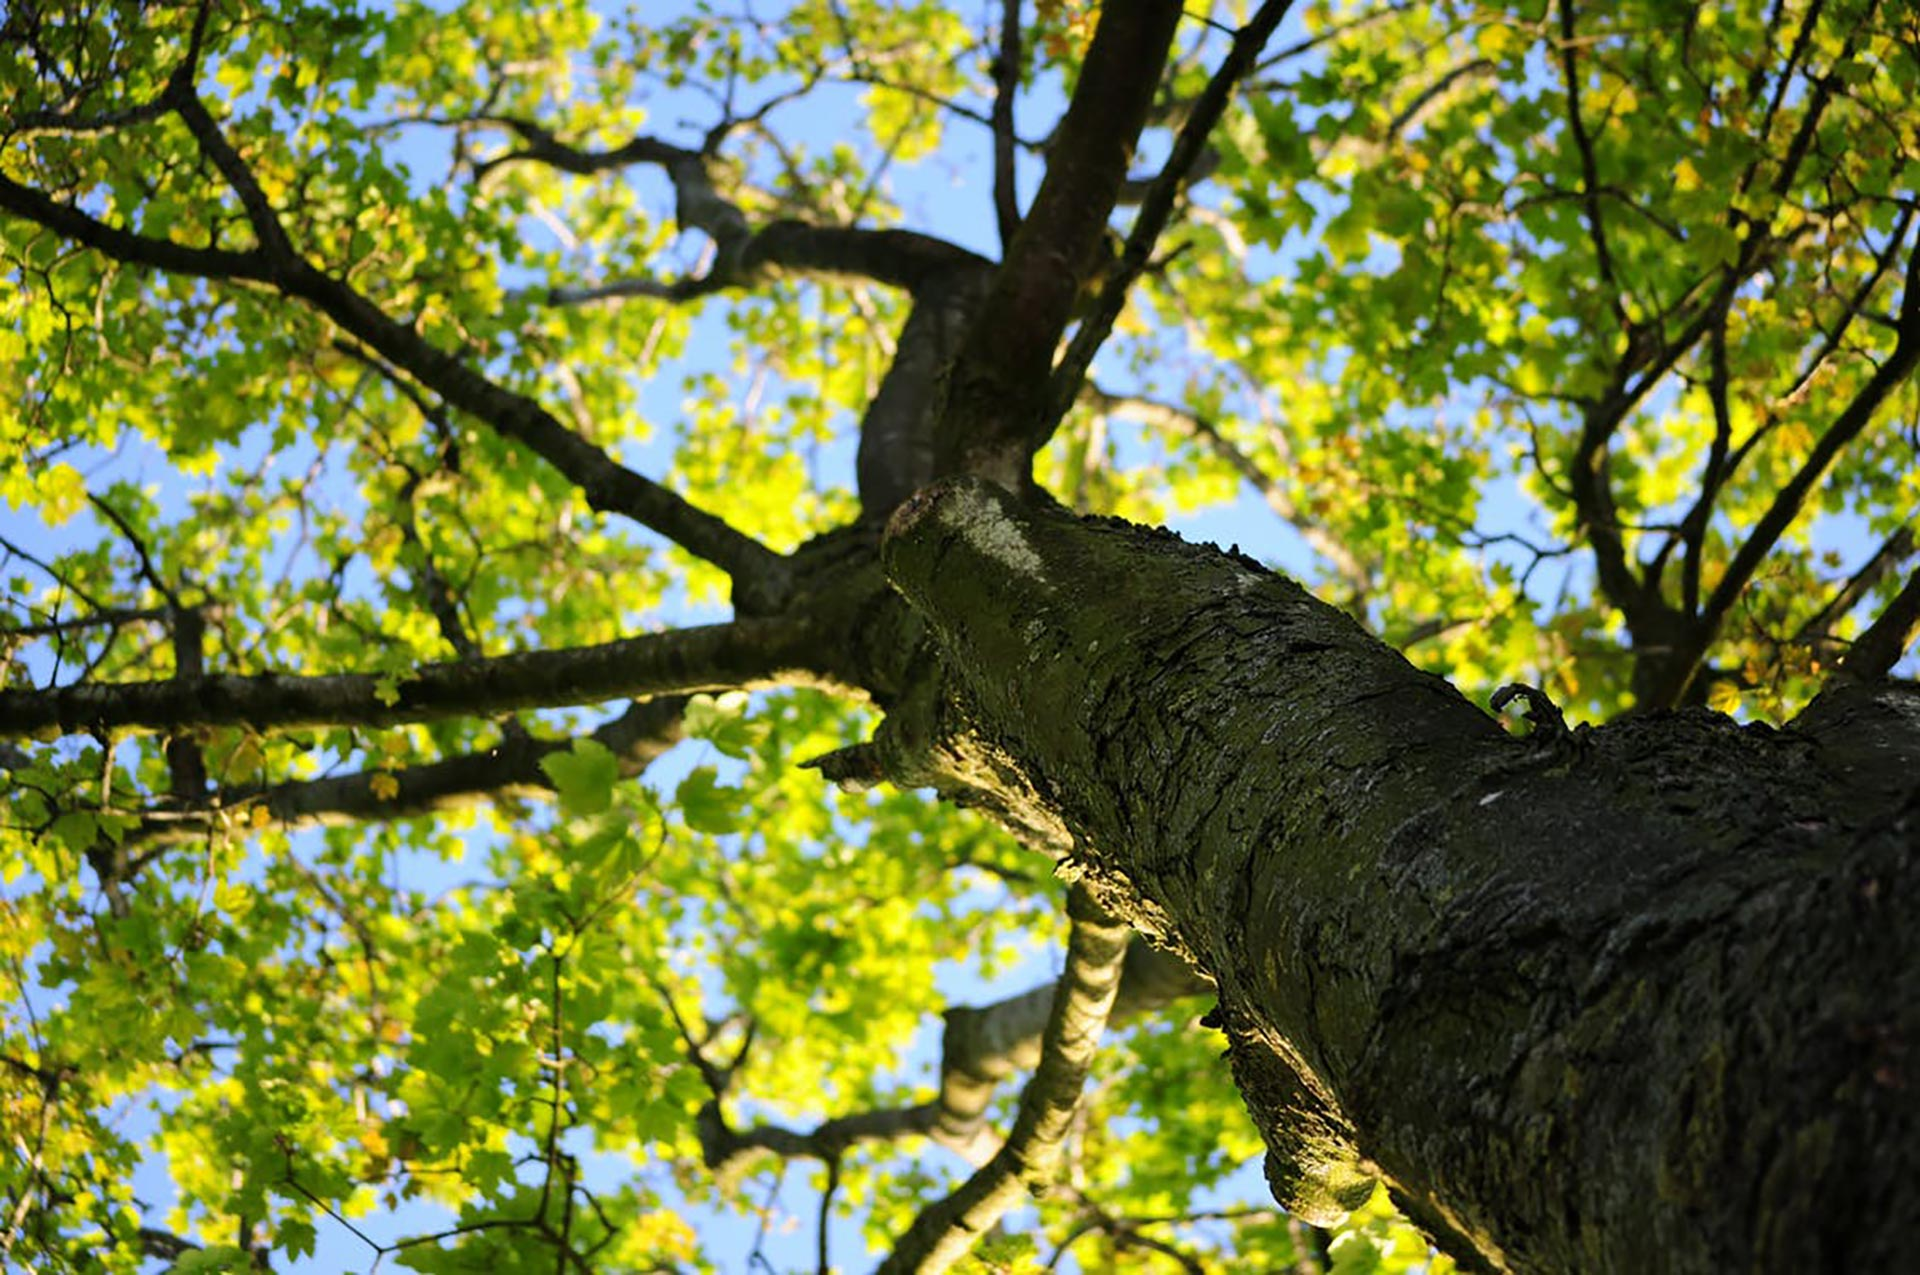 Pest Alert: Crape Myrtle Bark Scale